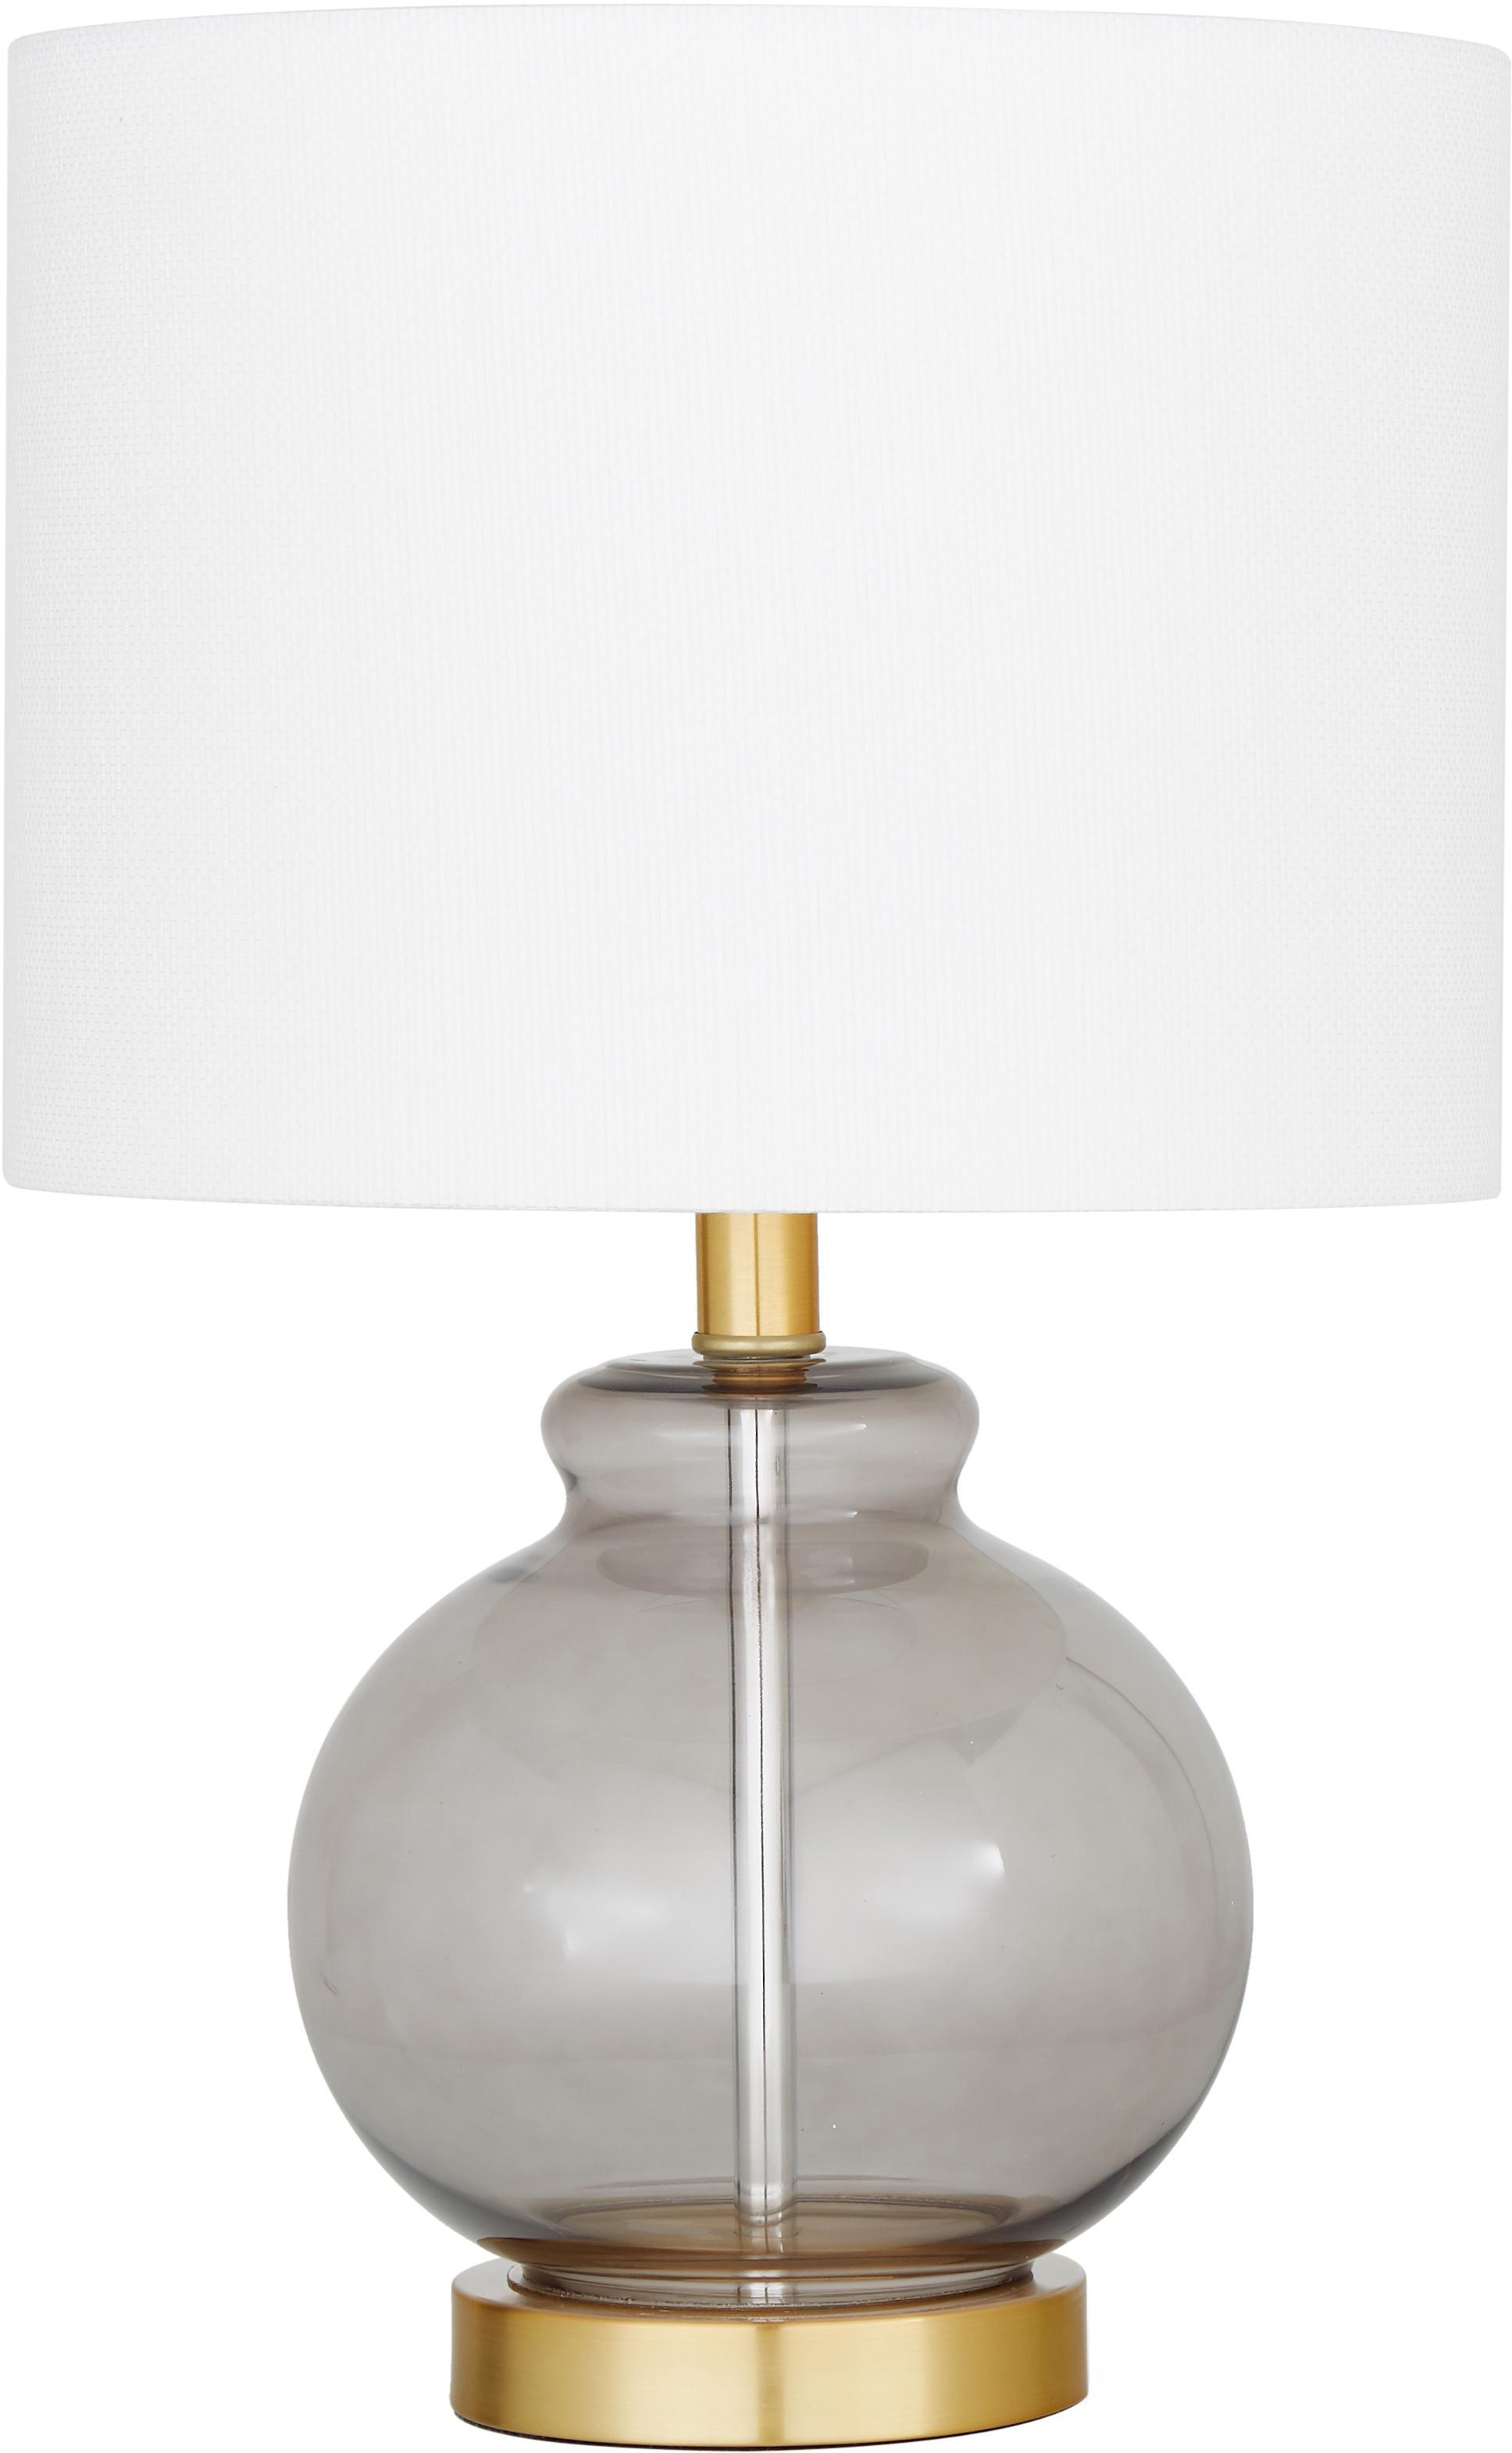 Tischlampe Natty mit Glasfuss, Lampenschirm: Textil, Sockel: Messing, gebürstet, Weiss, Blaugrau, transparent, Ø 31 x H 48 cm